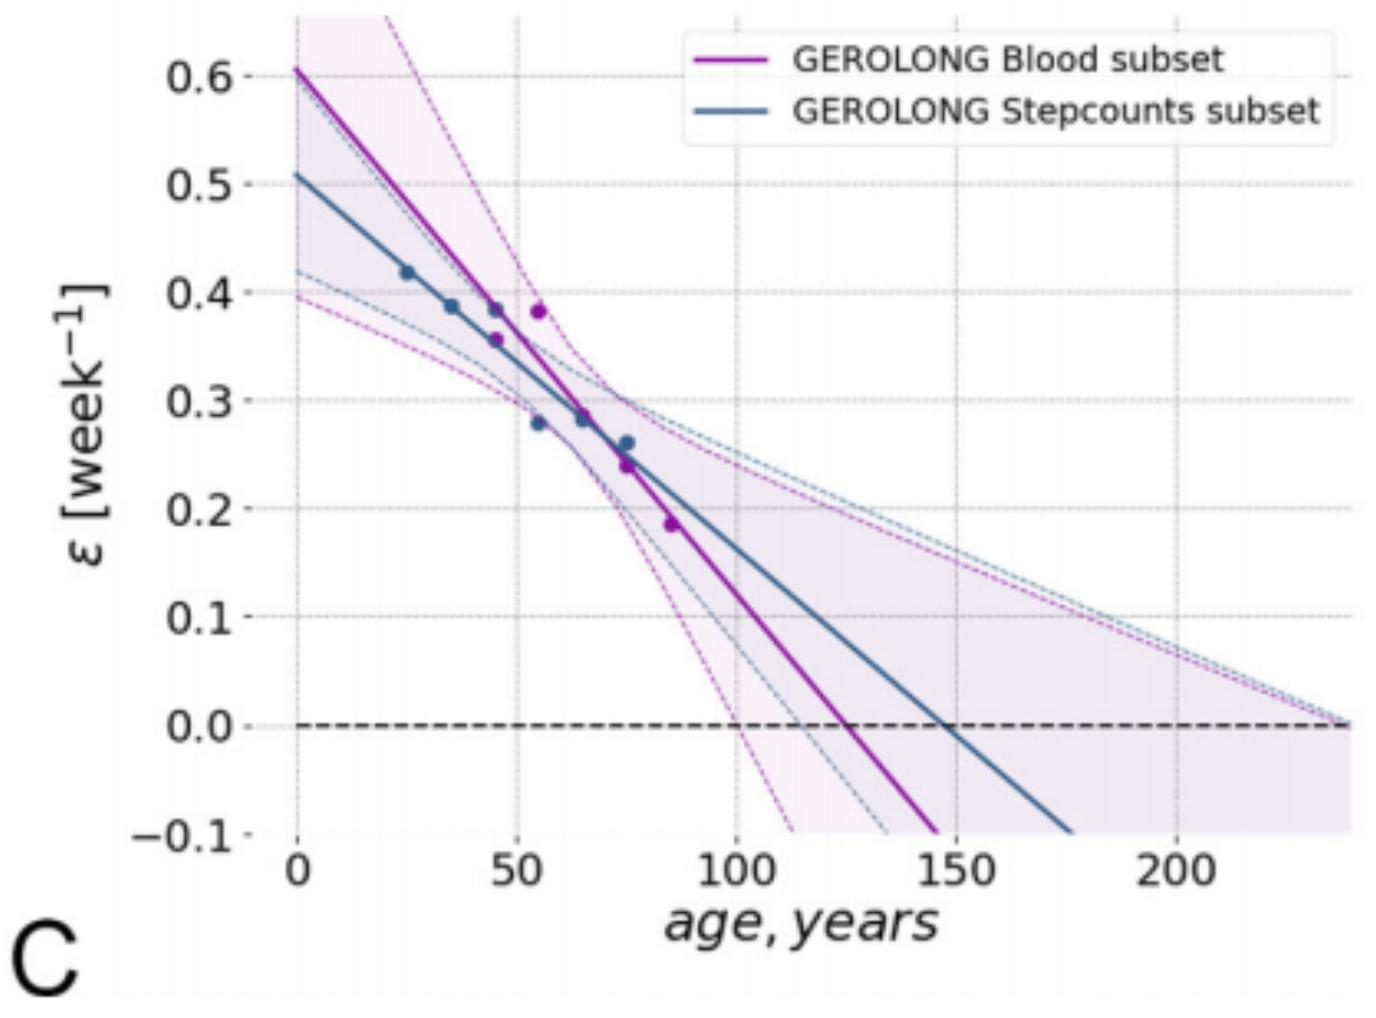 Всему свое время: геронтологи определили предельный возраст человека в 150 лет - 3